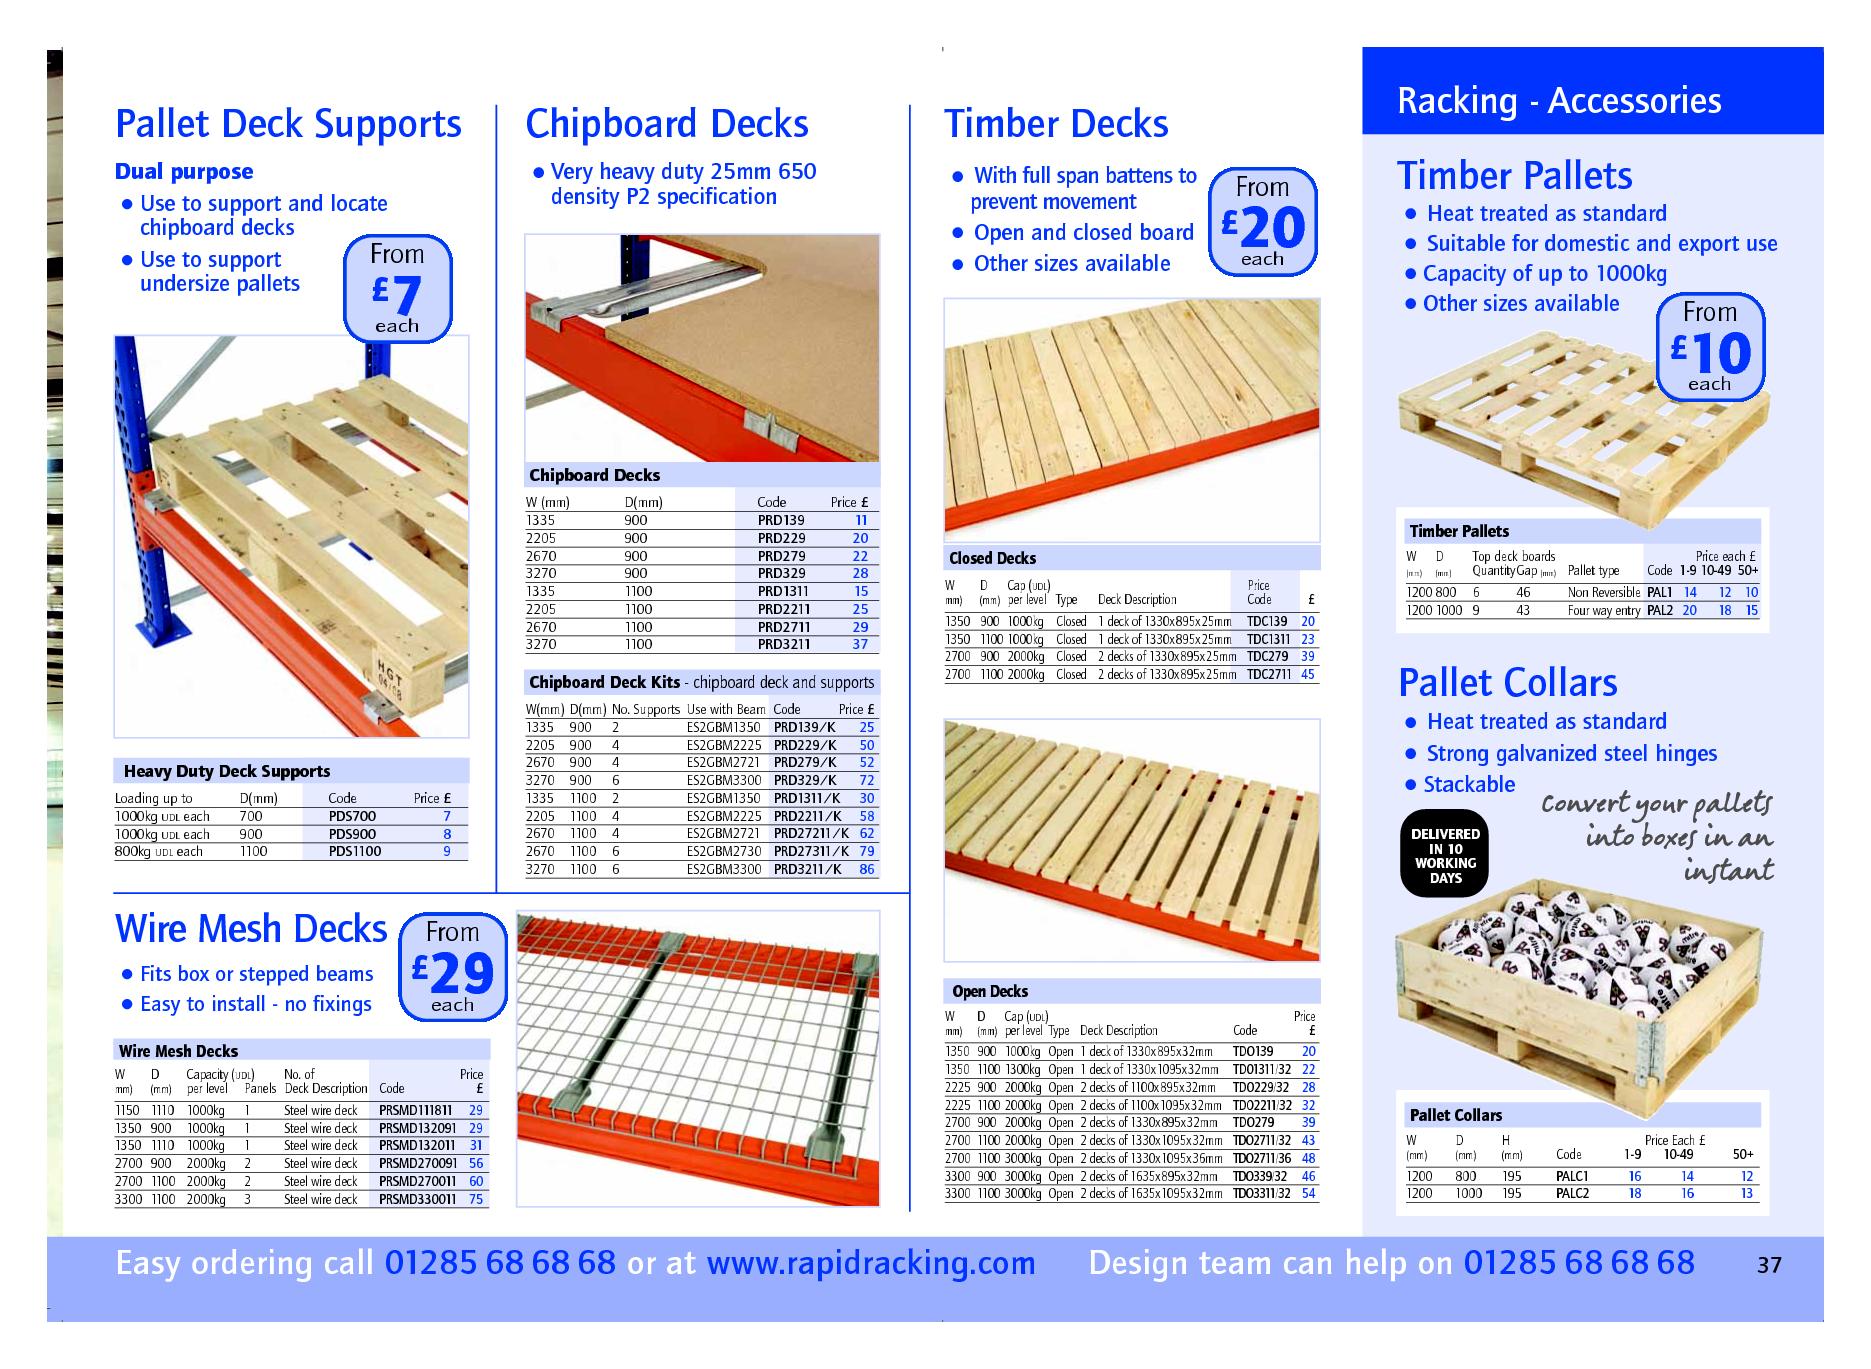 Pallet Deck Plans   Pallet Deck Supports Chipboard Decks Wire Mesh Decks Timber Decks